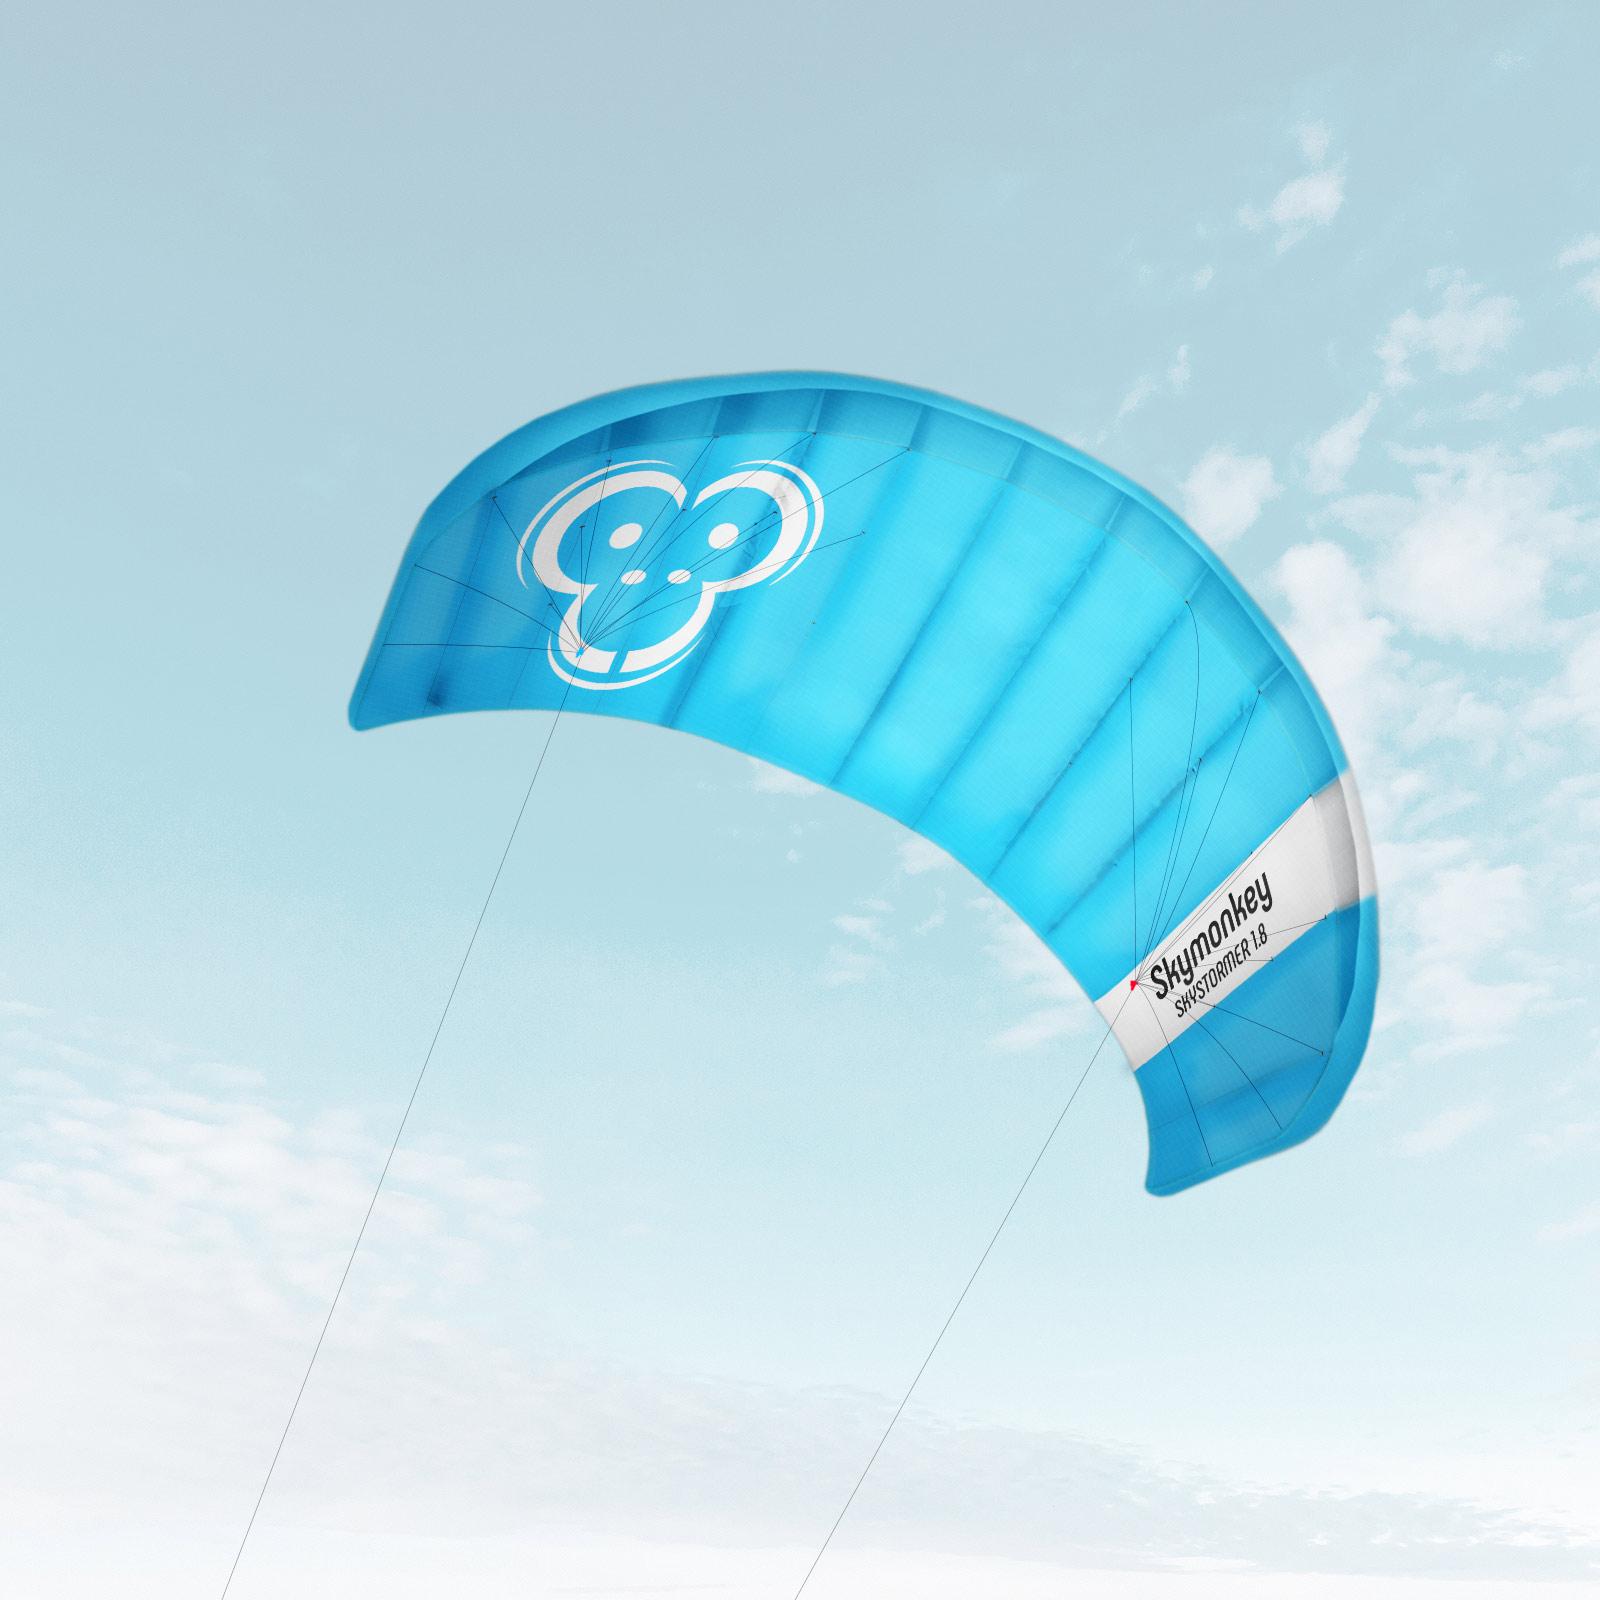 Indexbild 15 - Lenkdrachen SKYMONKEY Skystormer Lenkmatte Flugdrachen Kite Drachen Lenk Matte